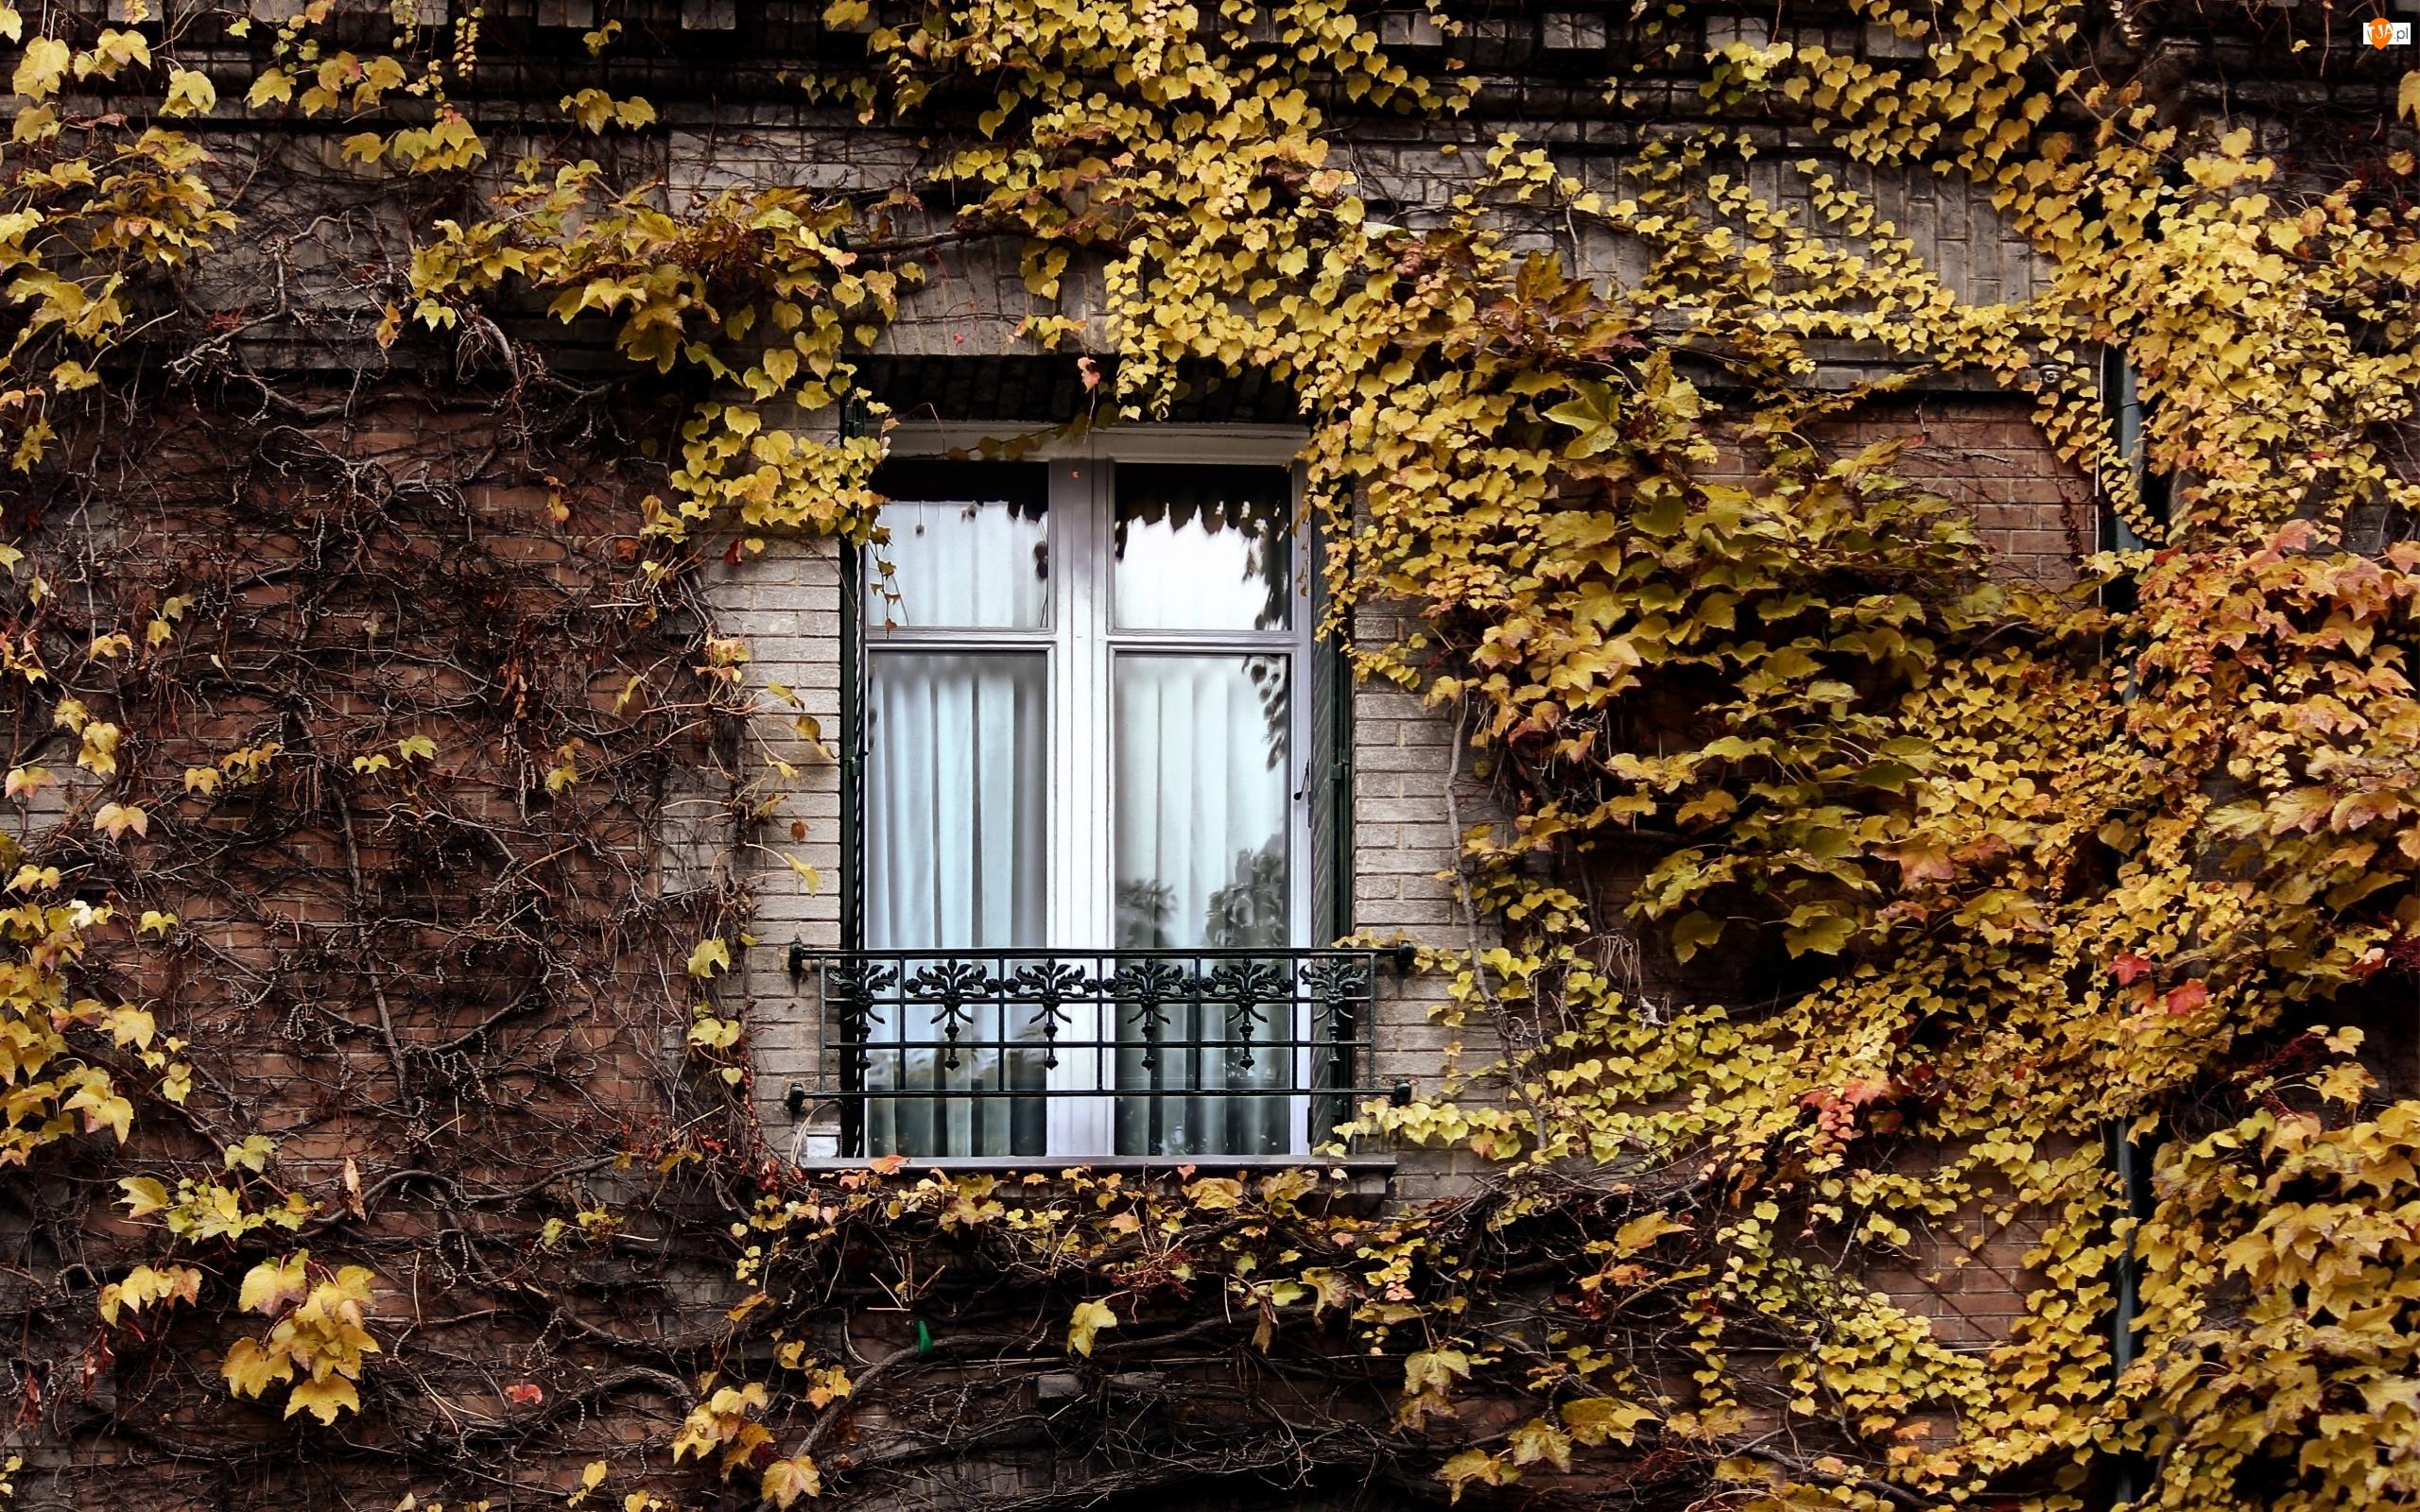 Krzewy, Pnące, Budynku, Fasada, Liście, Okno, Jesienne